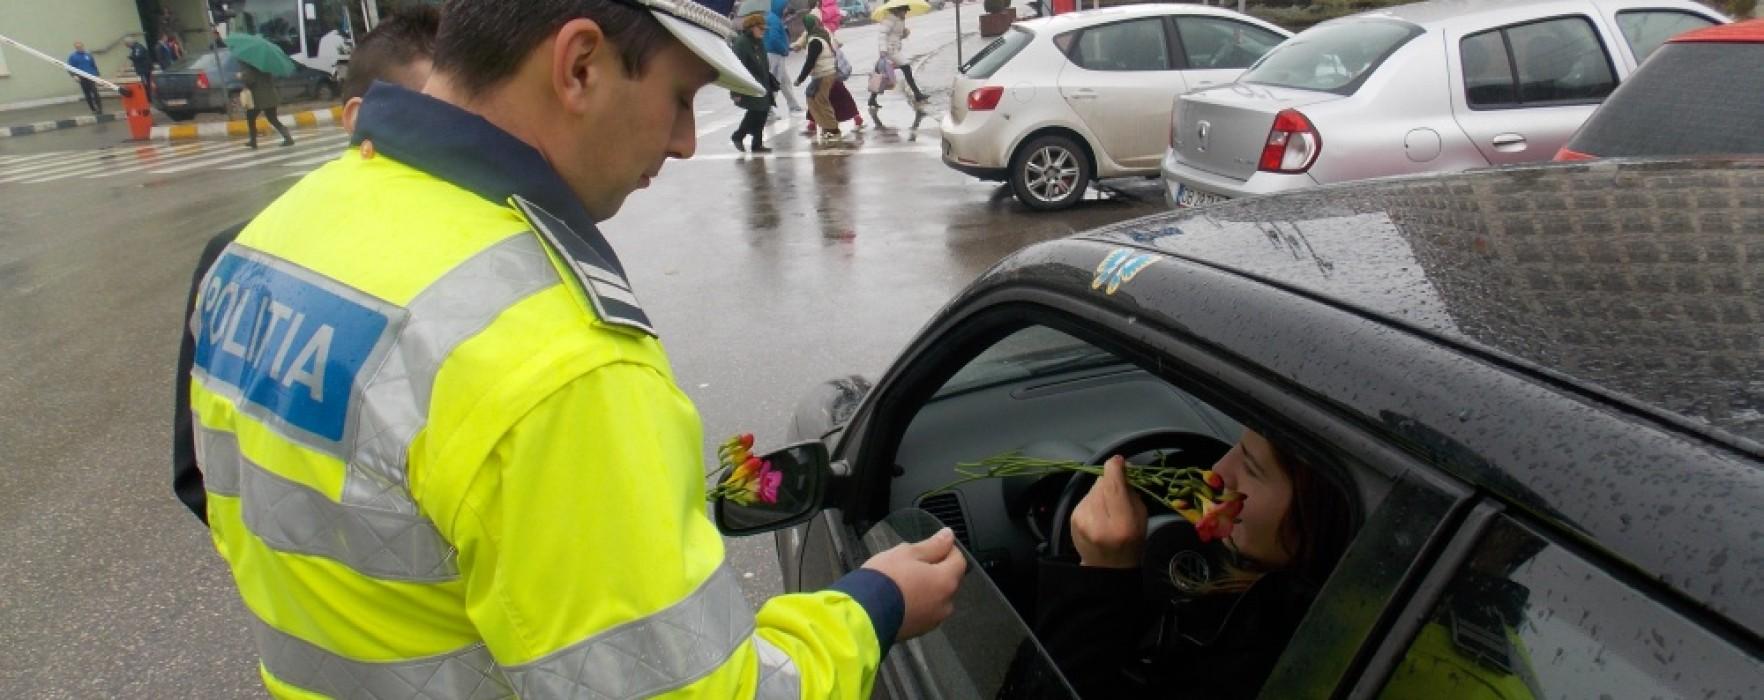 Poliţiştii dâmboviţeni oferă flori şoferiţelor, de 8 martie